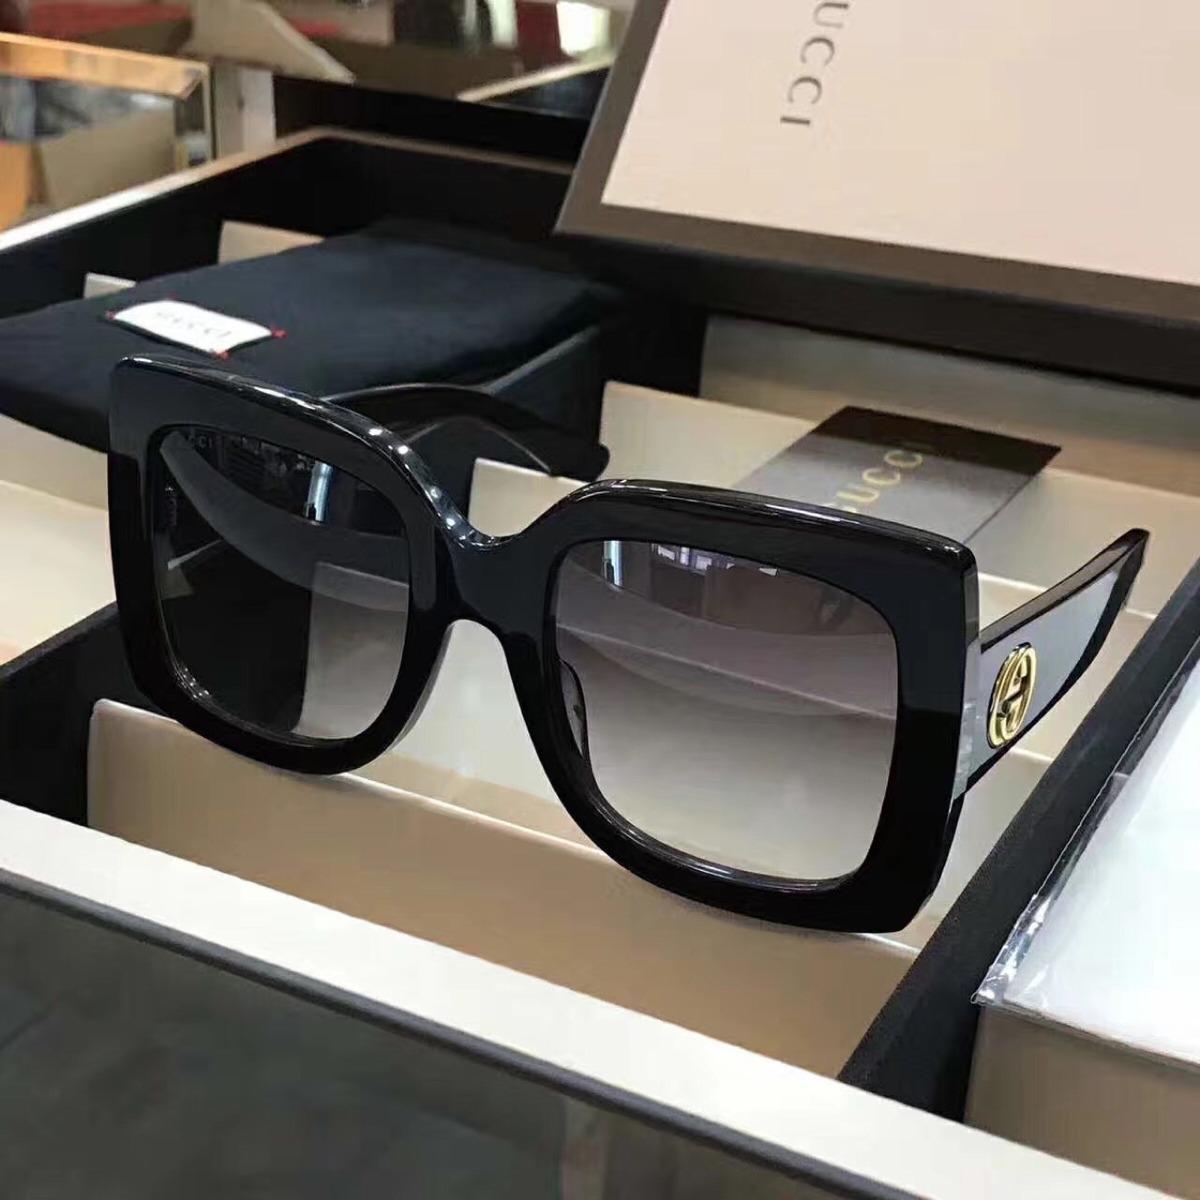 66897641bf83d óculos de sol gucci quadrado acetato com kit frete grátis. Carregando zoom.